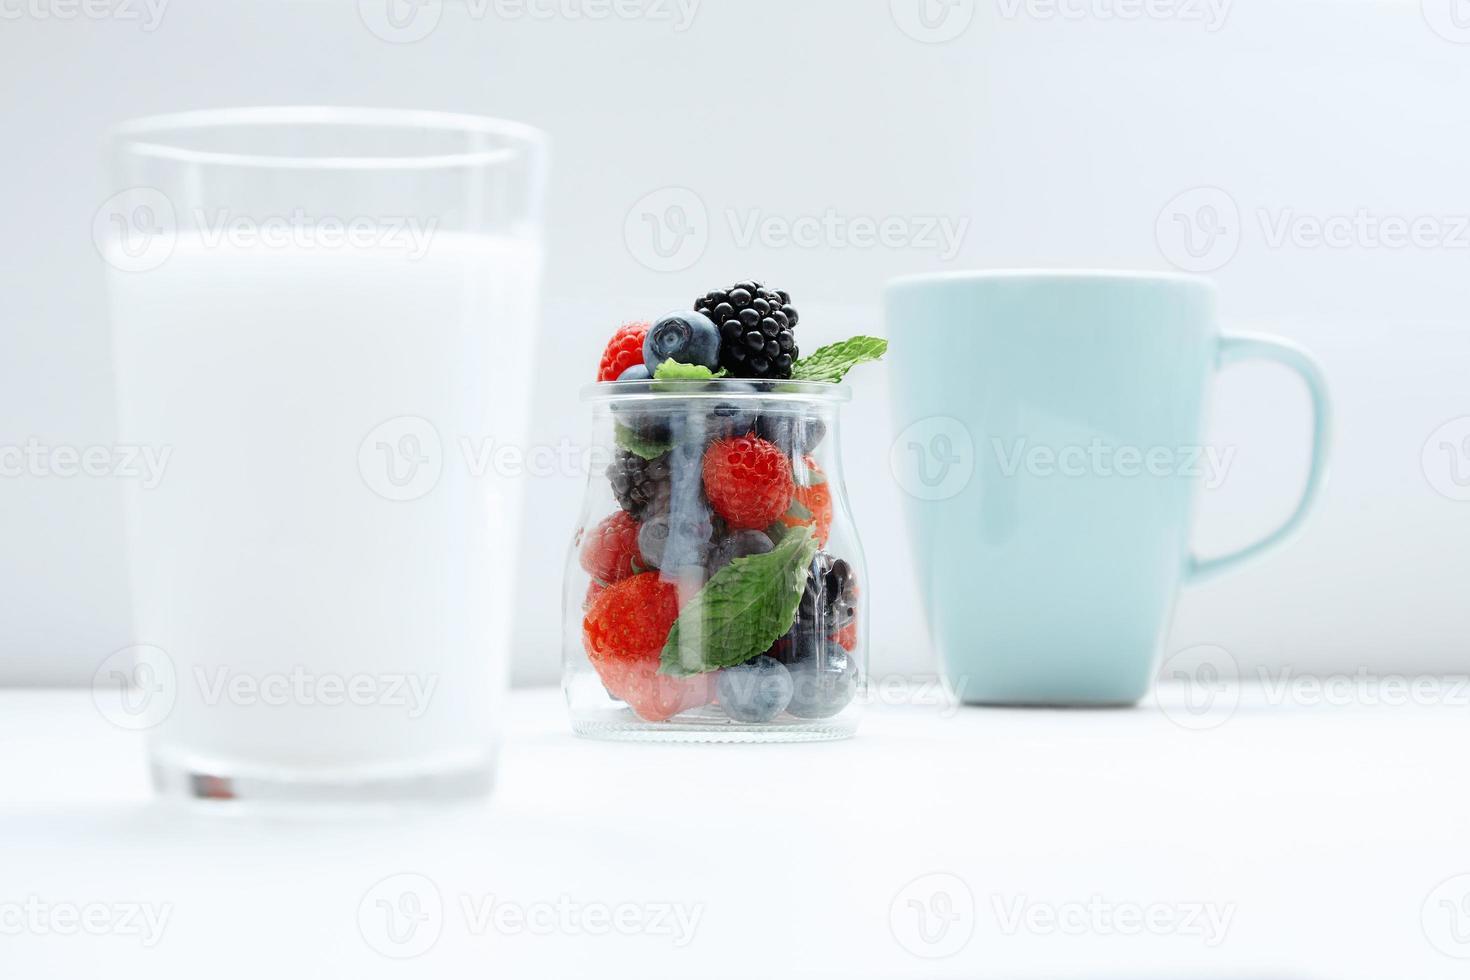 Parallaxenbeeren in transparentem Glas zwischen Glas Milch foto